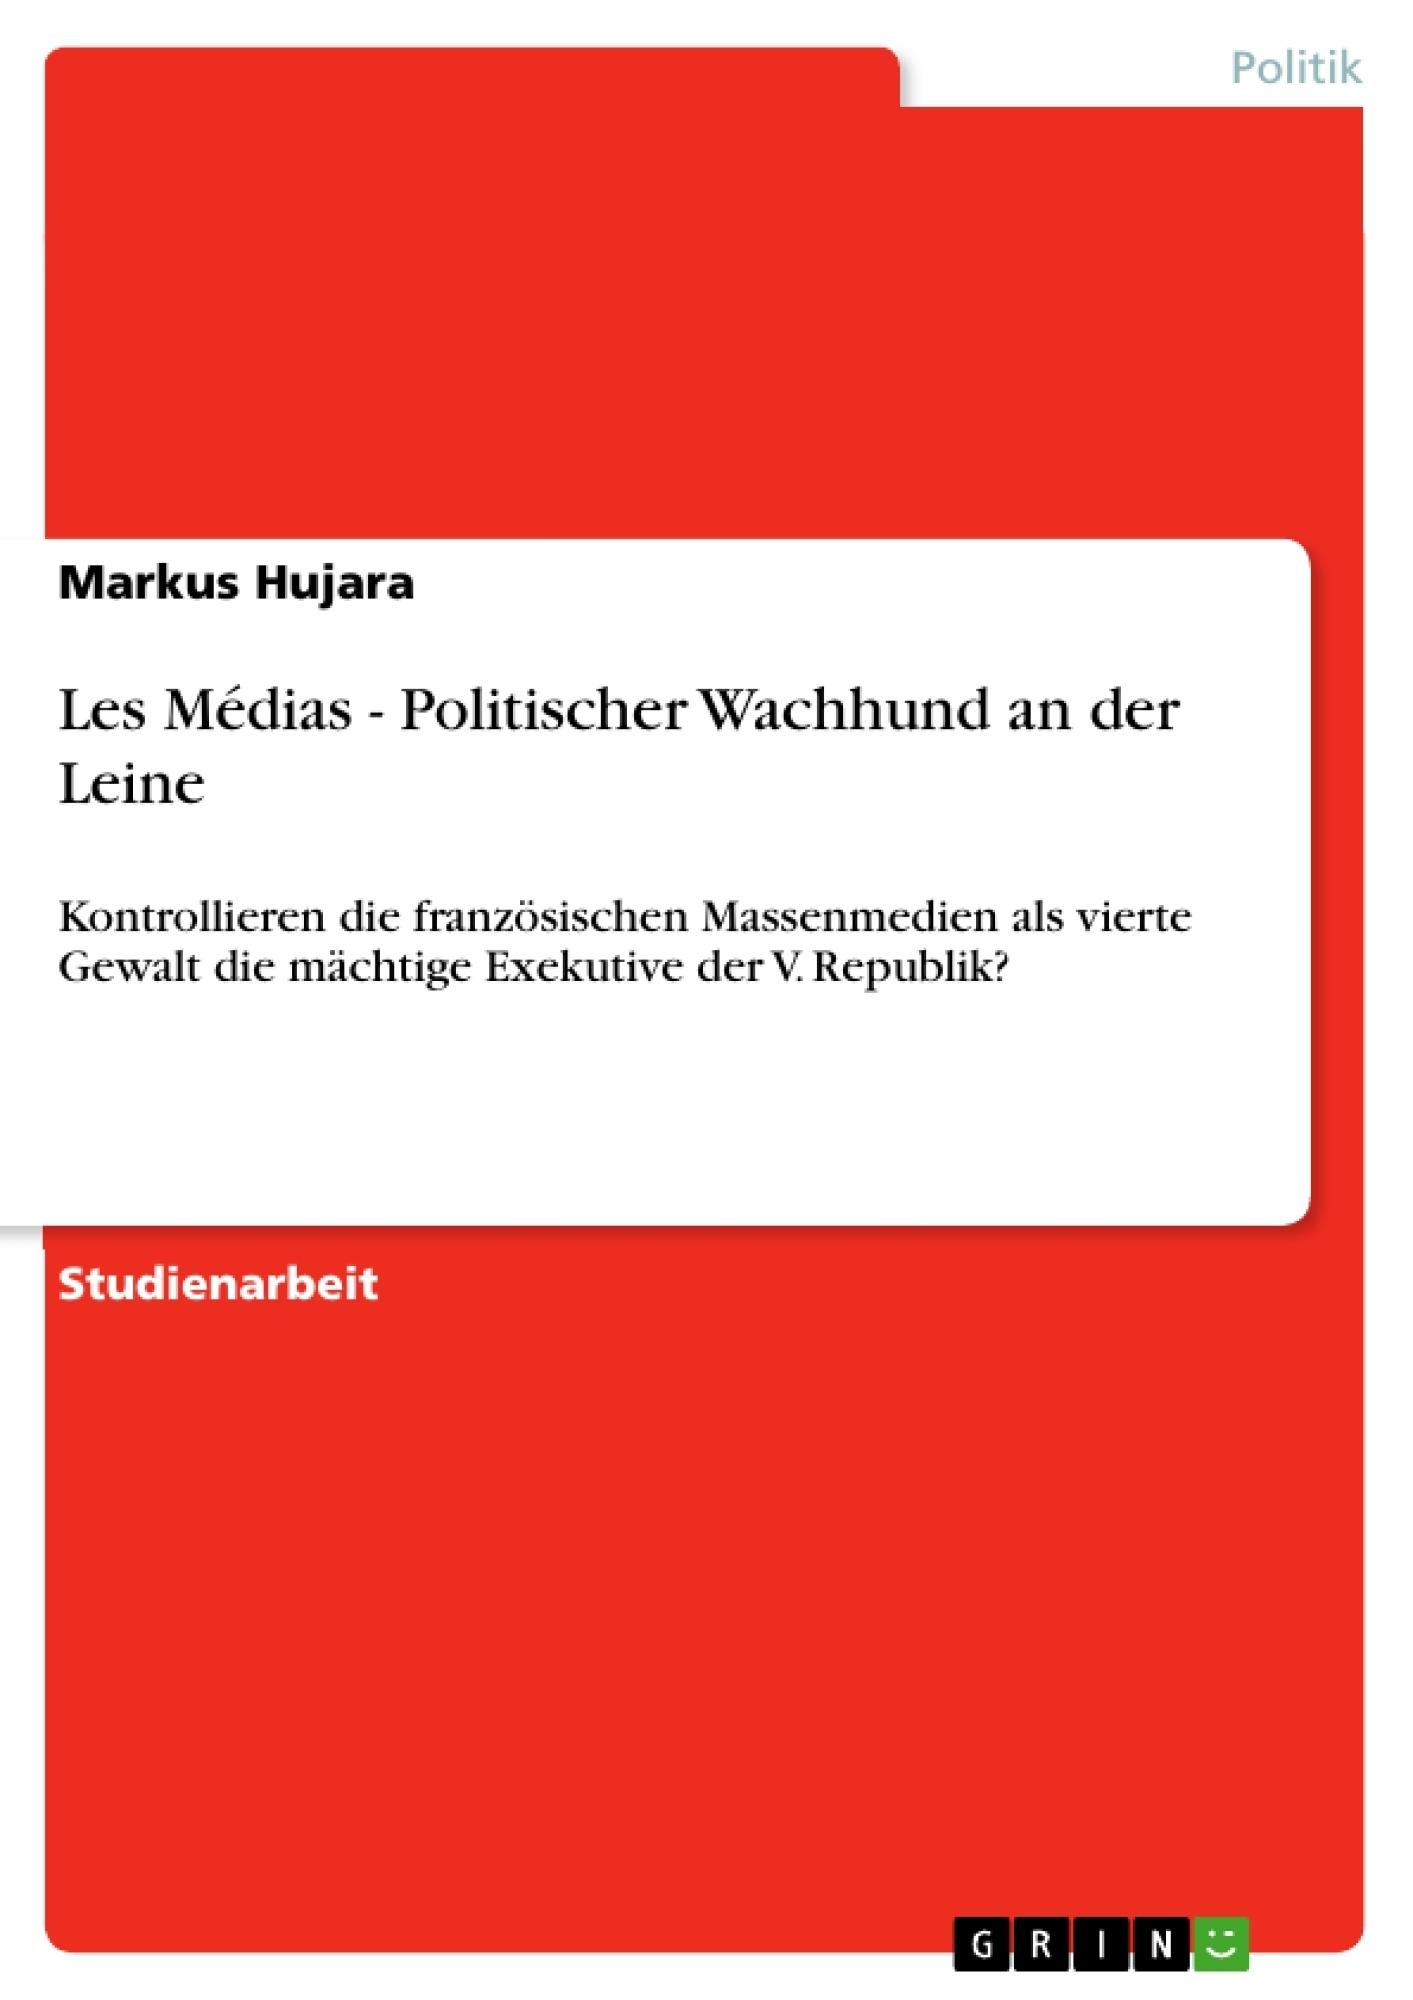 Titel: Les Médias - Politischer Wachhund an der Leine